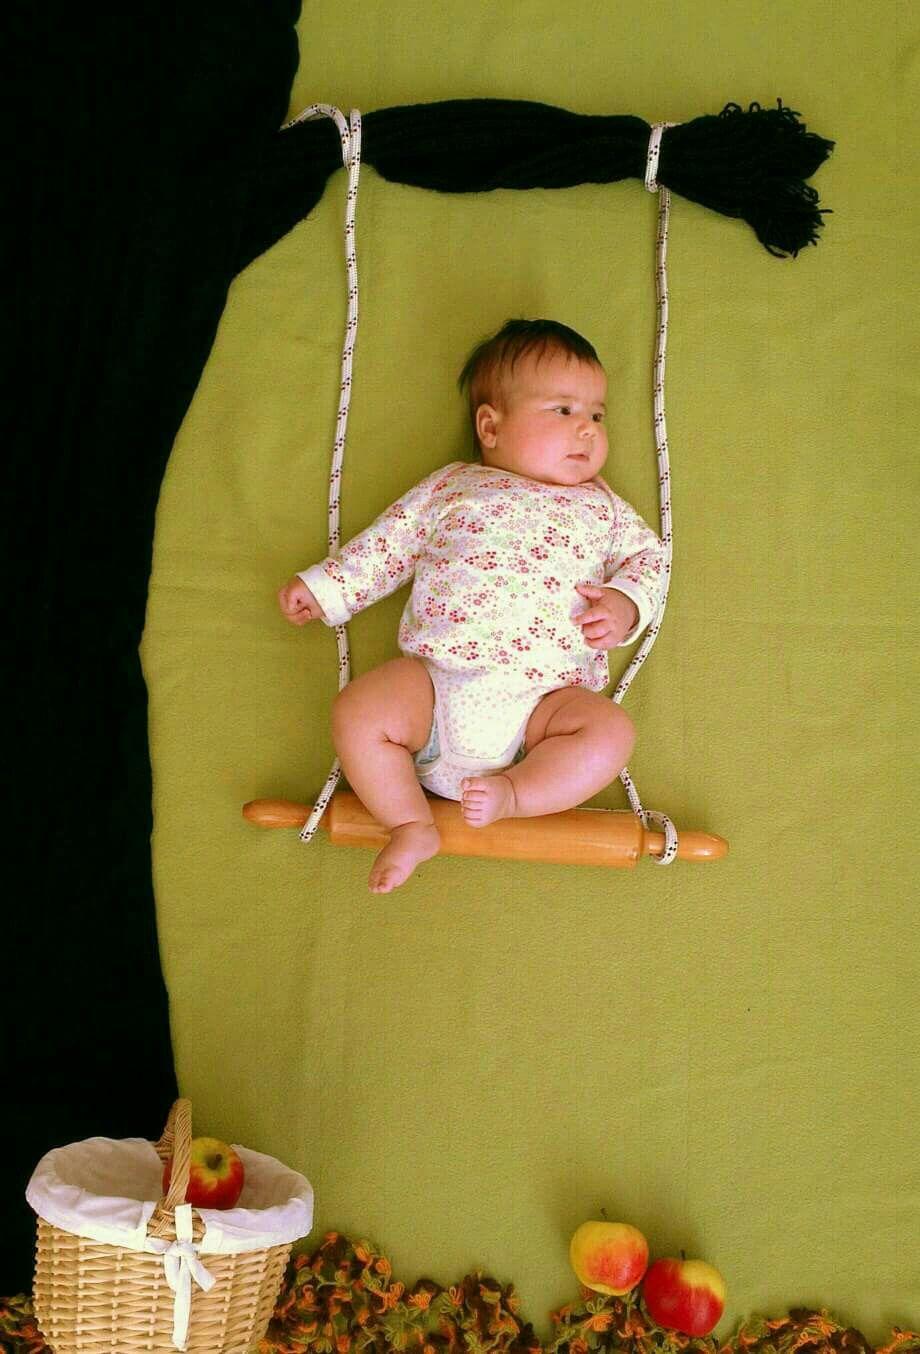 Konsept Bebek Fotoğrafı Nasıl Çekilir